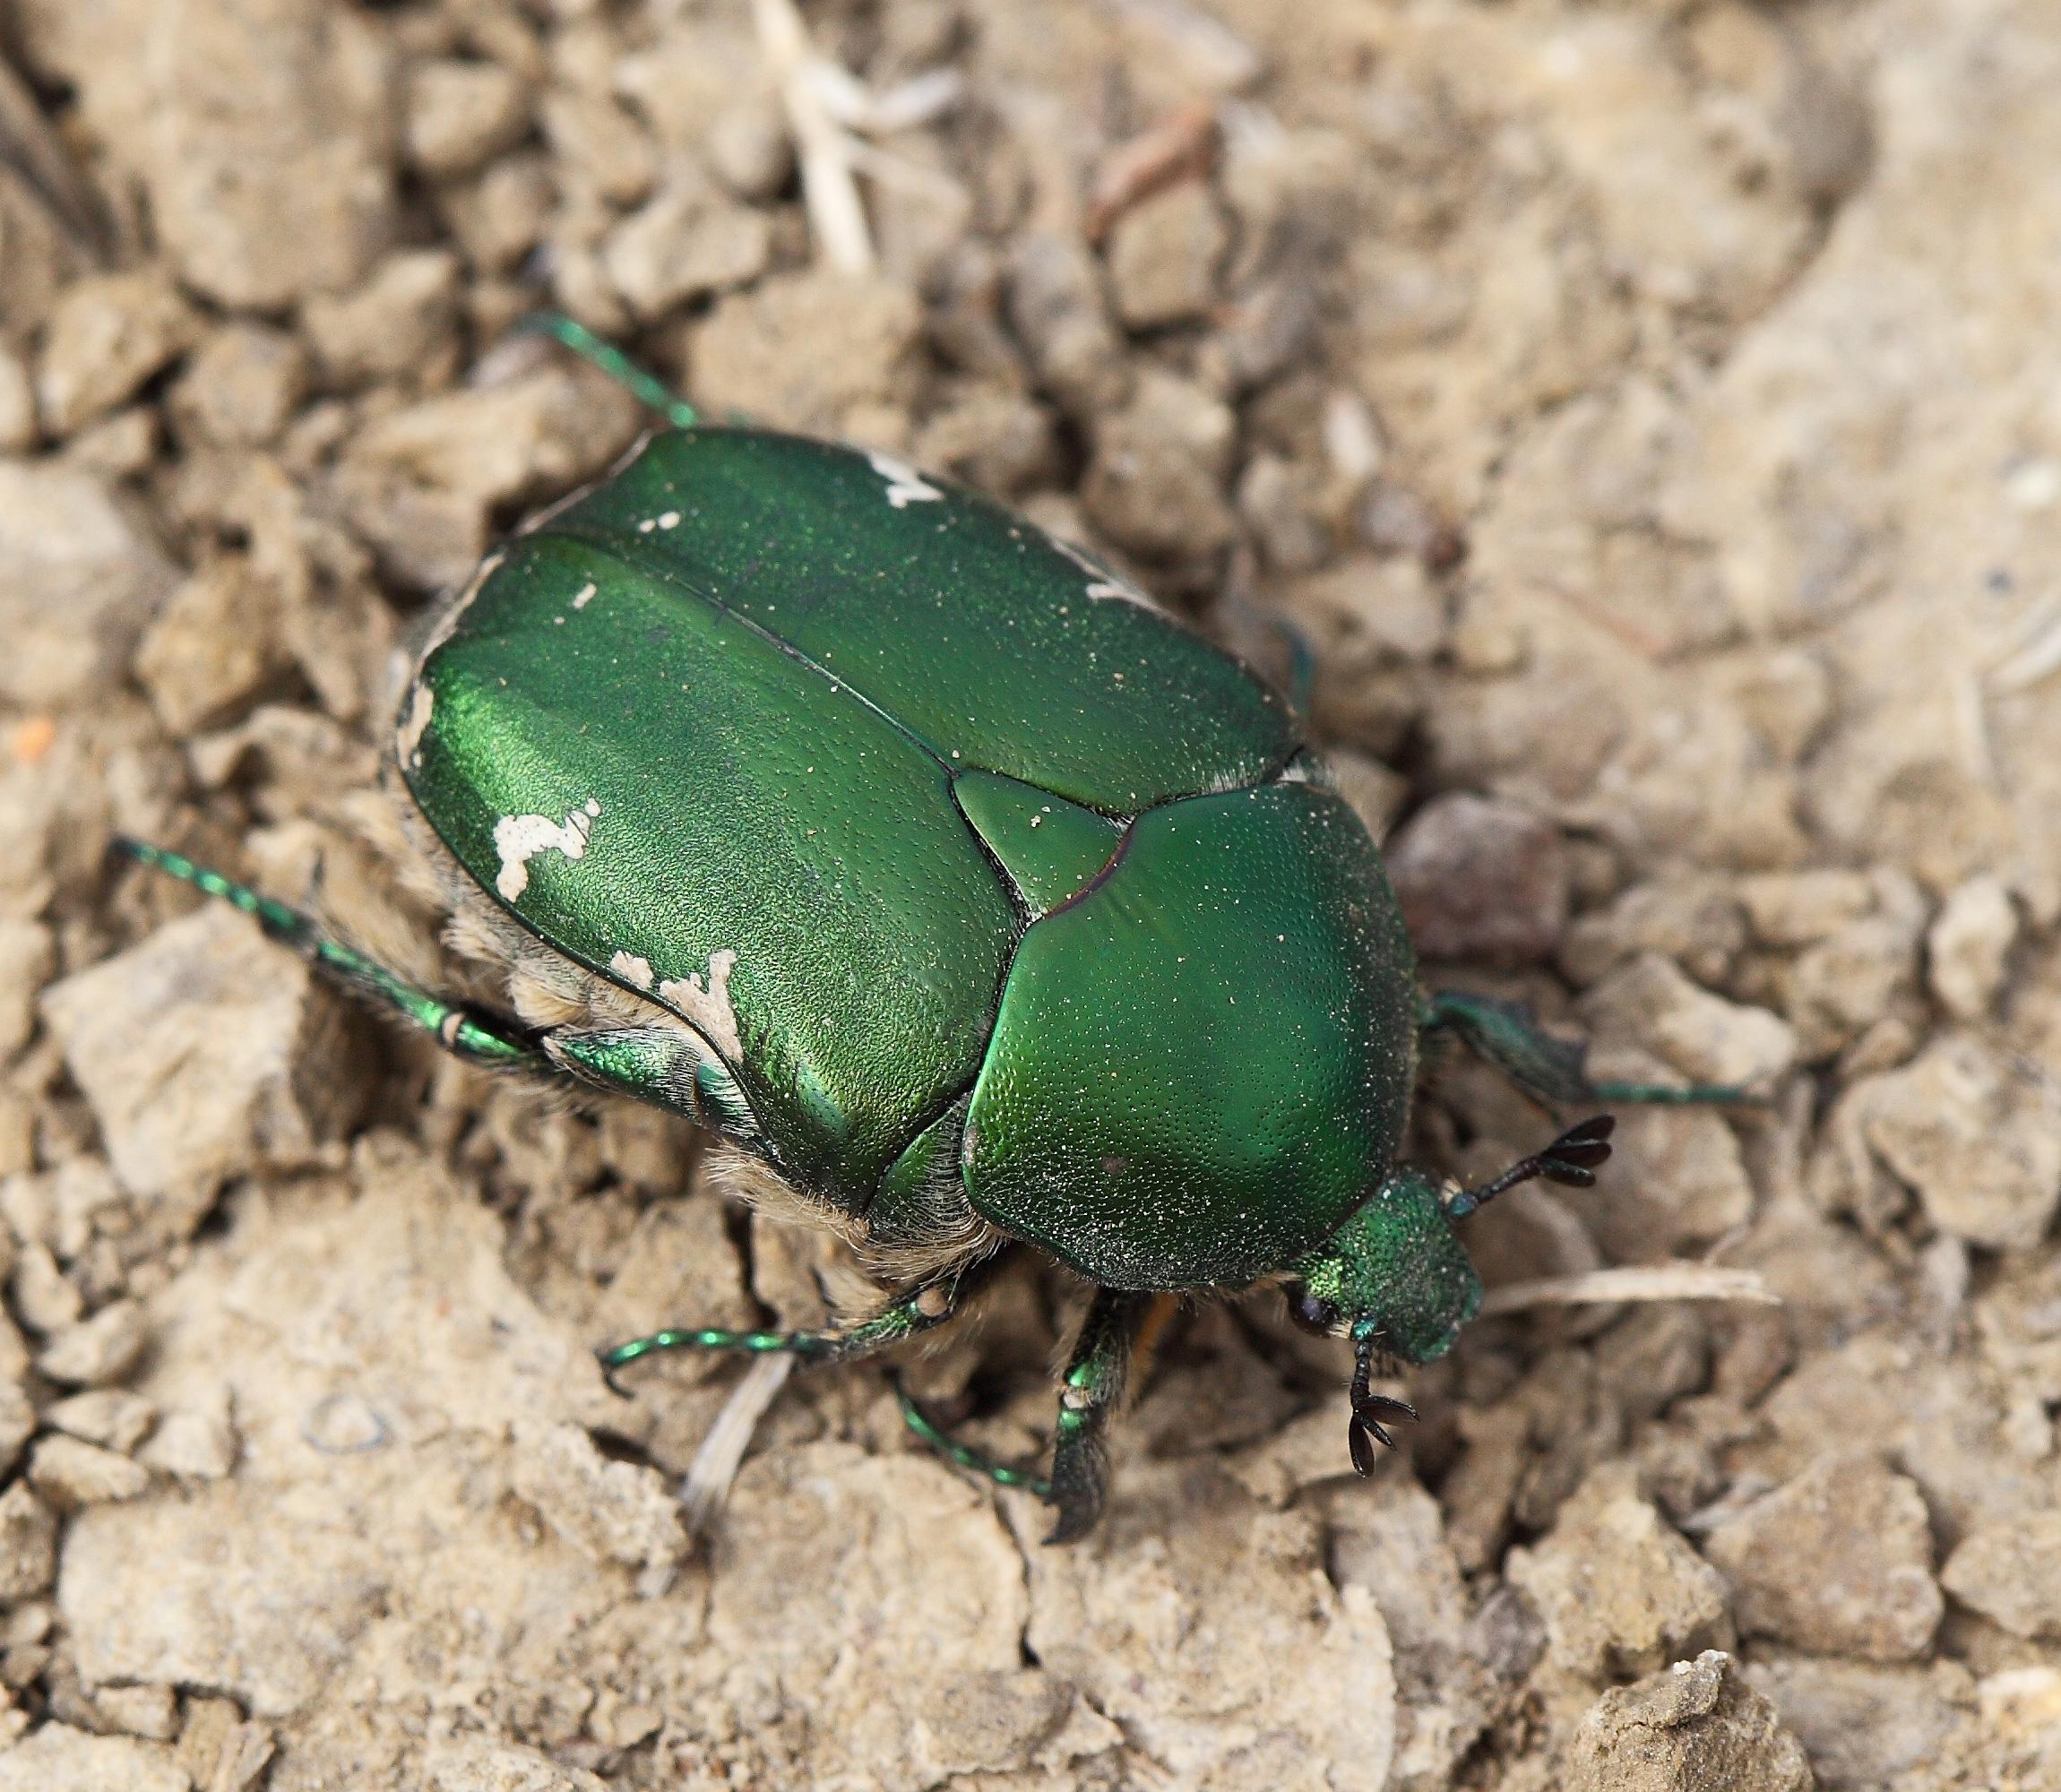 Жук зеленого цвета, насыщено травянистого. Иногда на нём металлический отлив и белесые пятна. Обитает в степных зонах РФ и стран Европы.